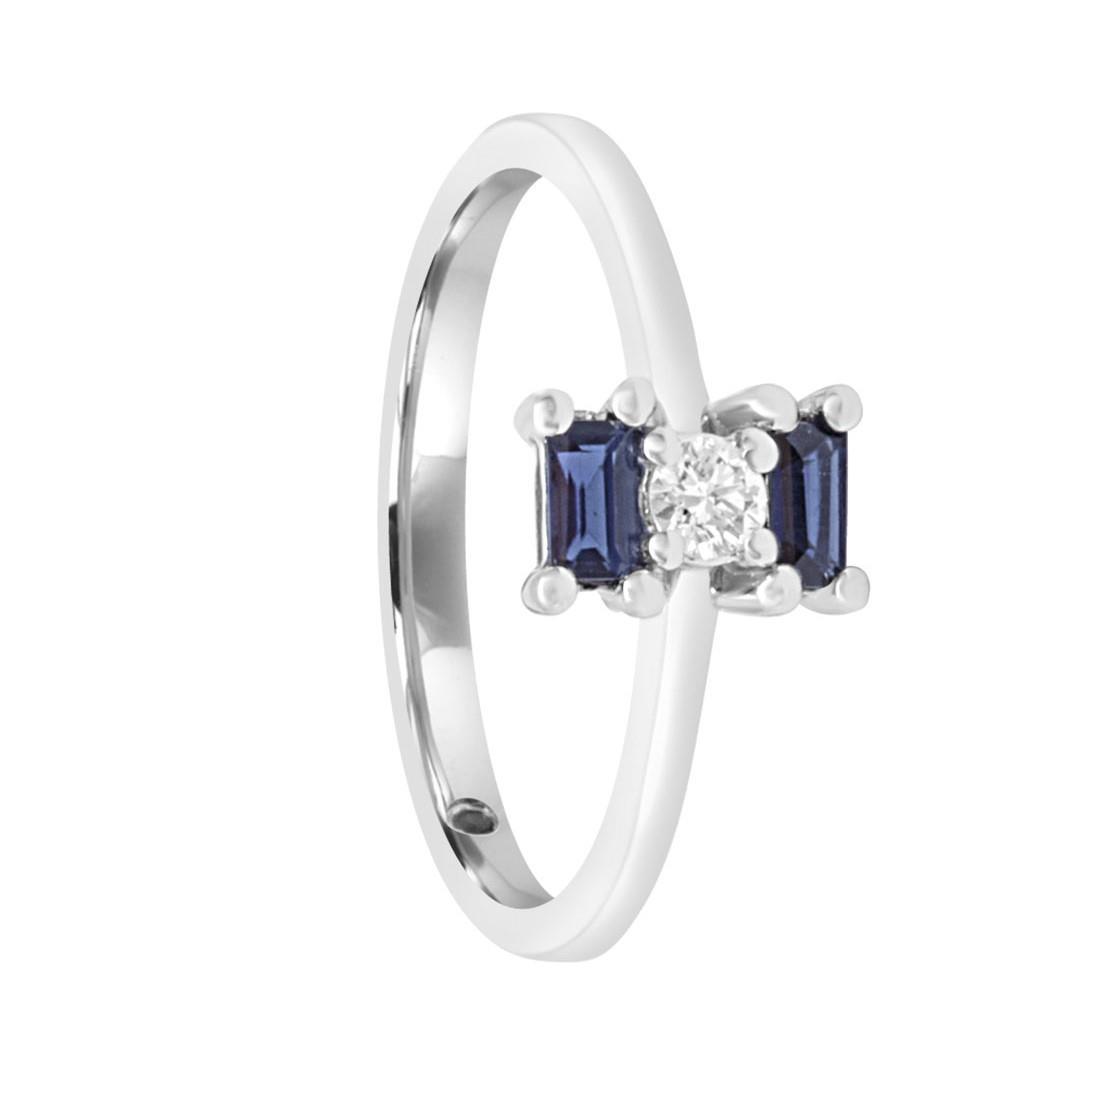 Anello in oro bianco con diamanti e zaffiri mis 13 - ORO&CO